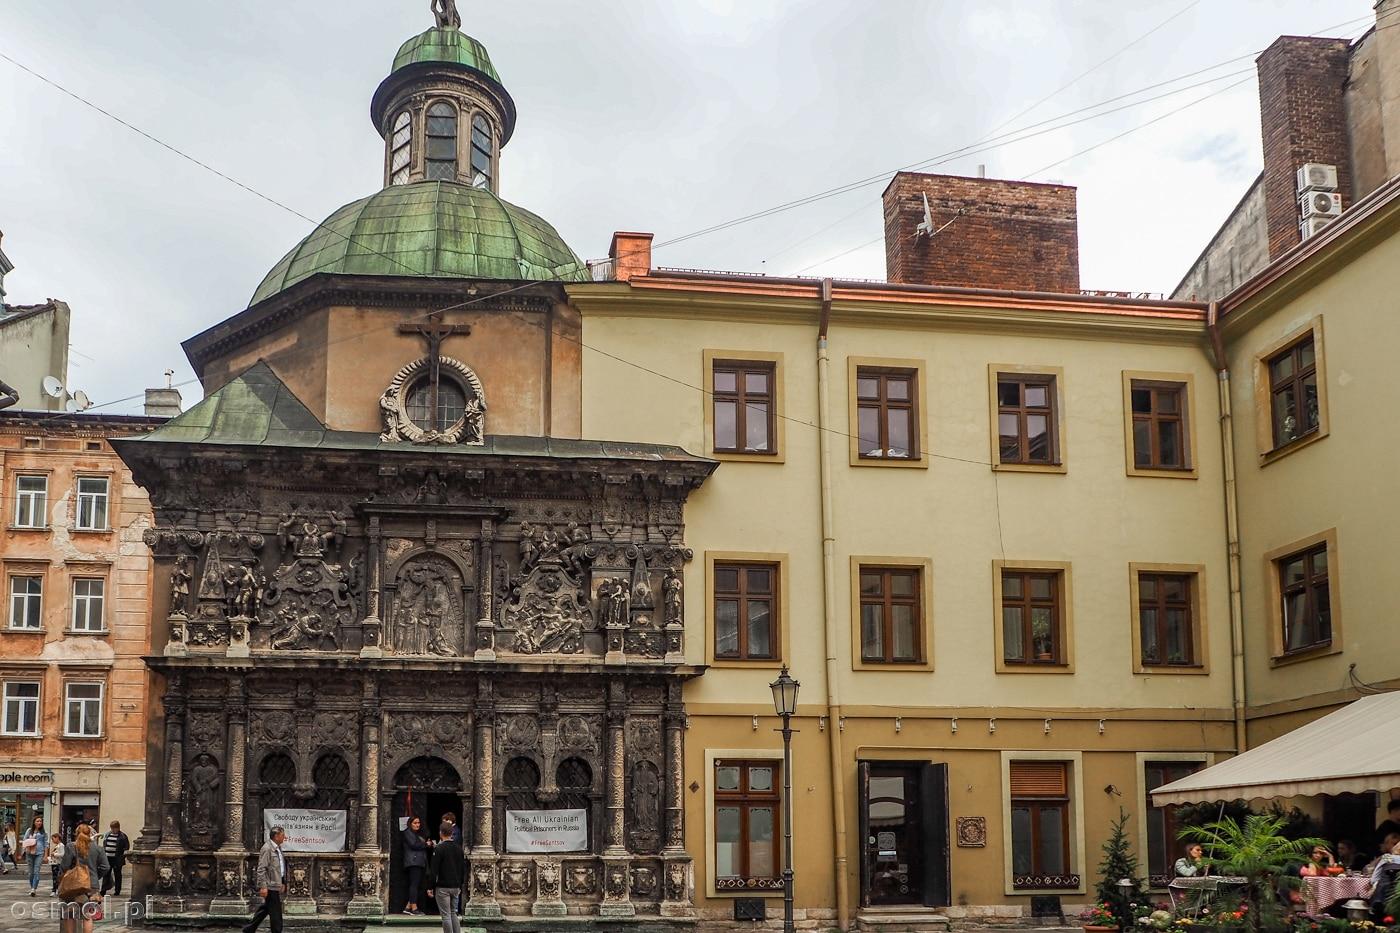 Kaplica Boimów we Lwowie widziana z zewnątrz. Na zdjęciu najbardziej ozdobna zachodnia fasada.